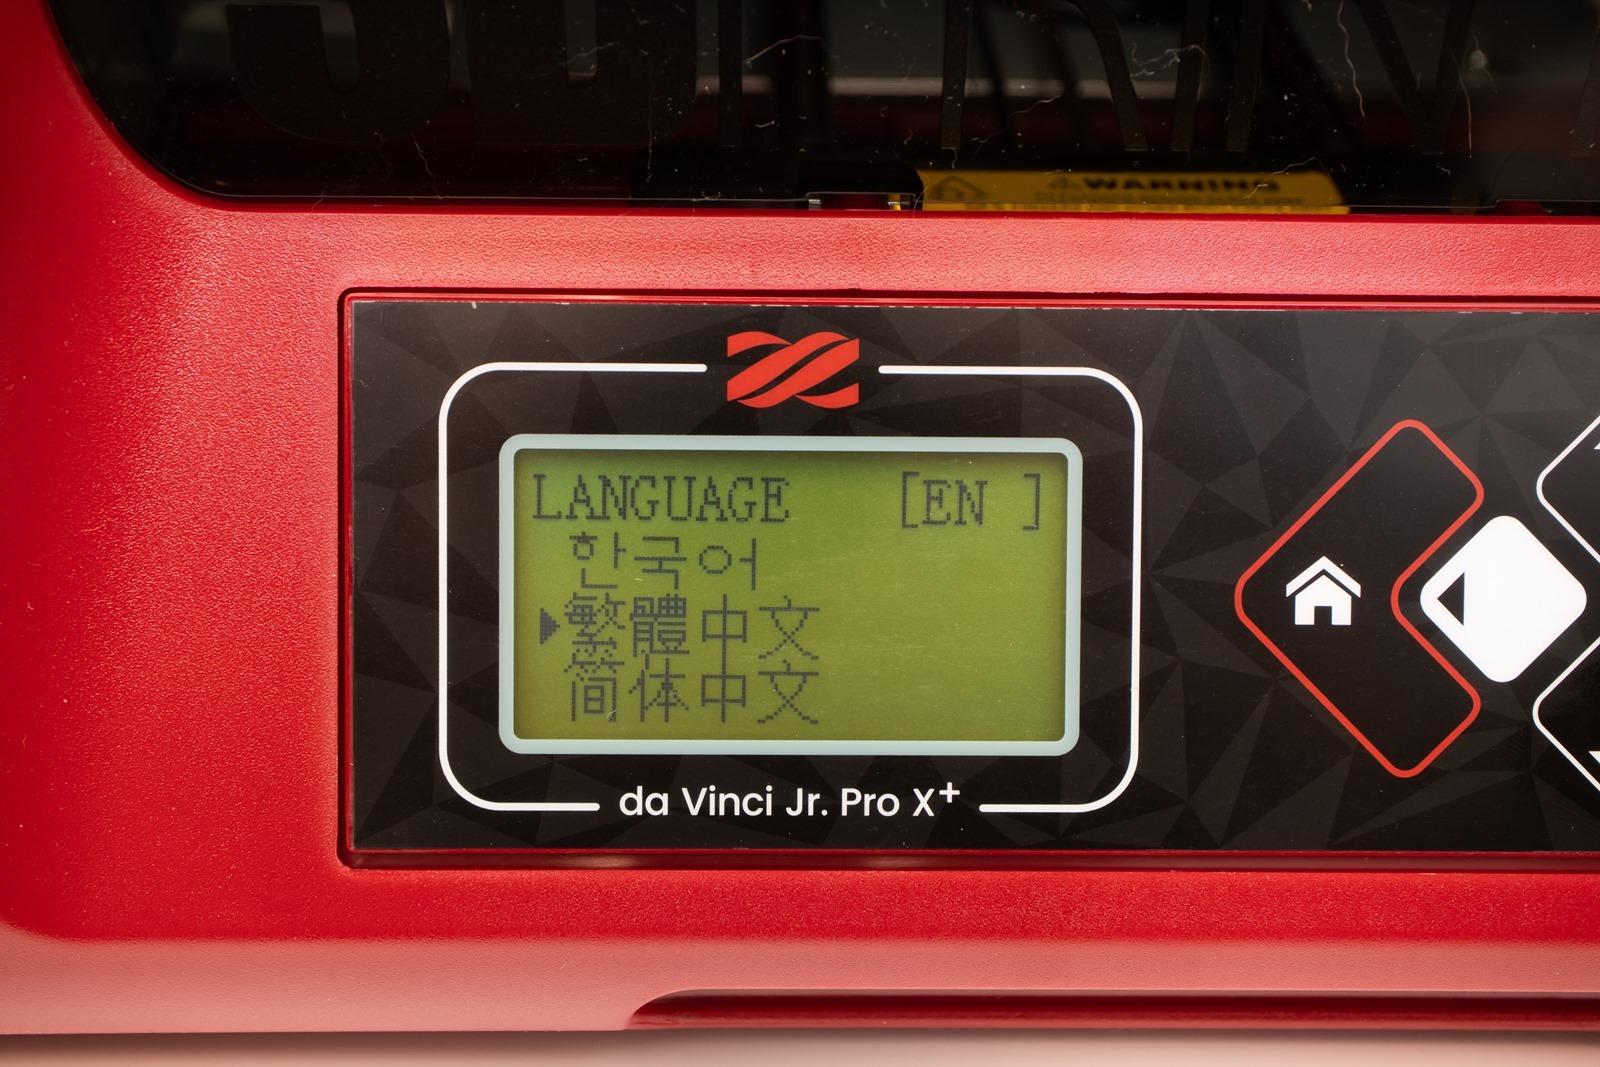 多功能3D列印機-da Vinci Jr. Pro X+,中文LCD控制面板讓你更方便操作